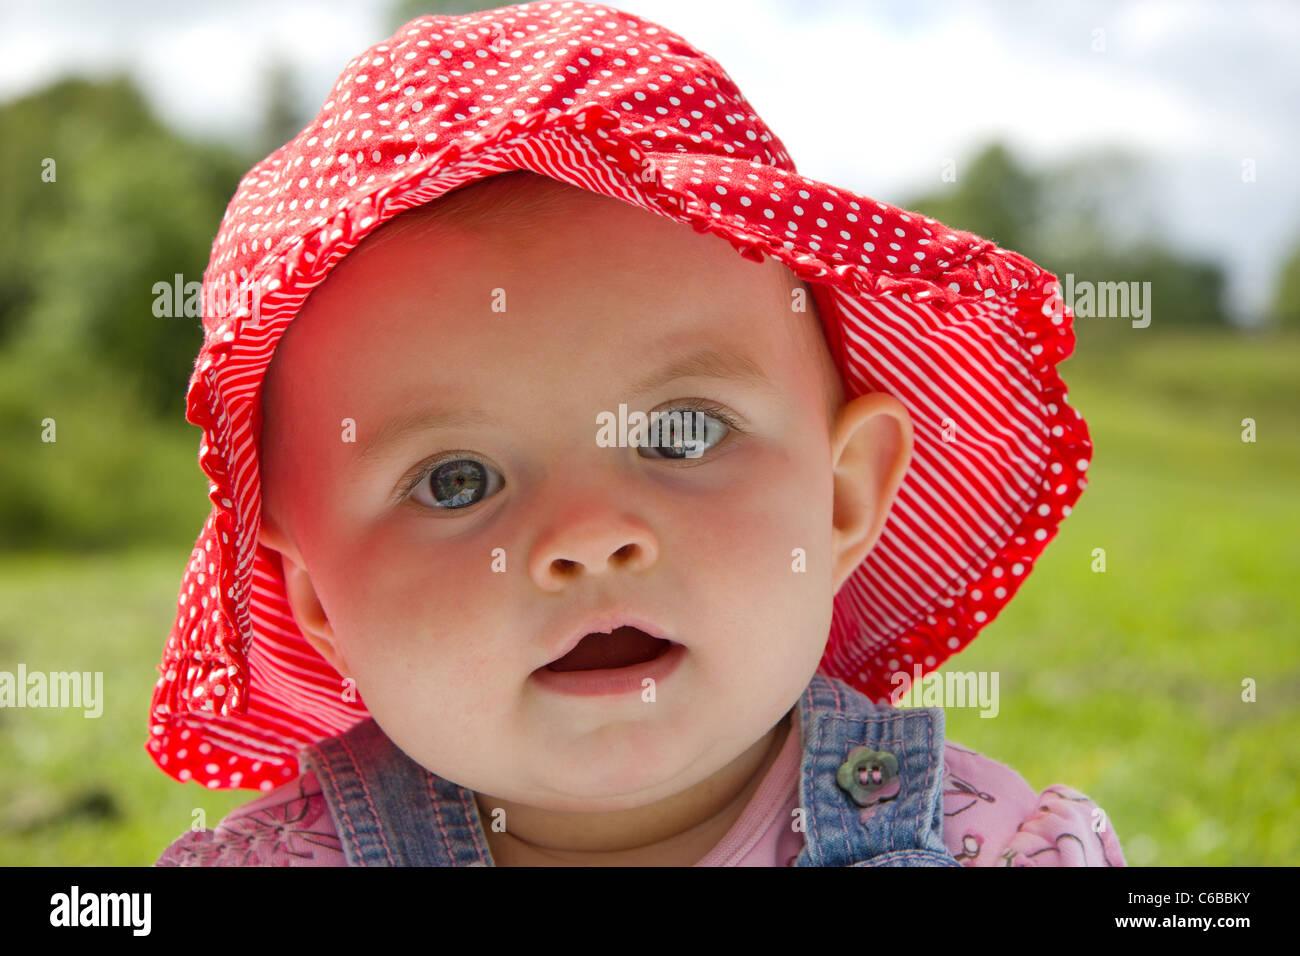 Hermosa niña sentada en un parque luciendo un lindo verano hat Imagen De Stock